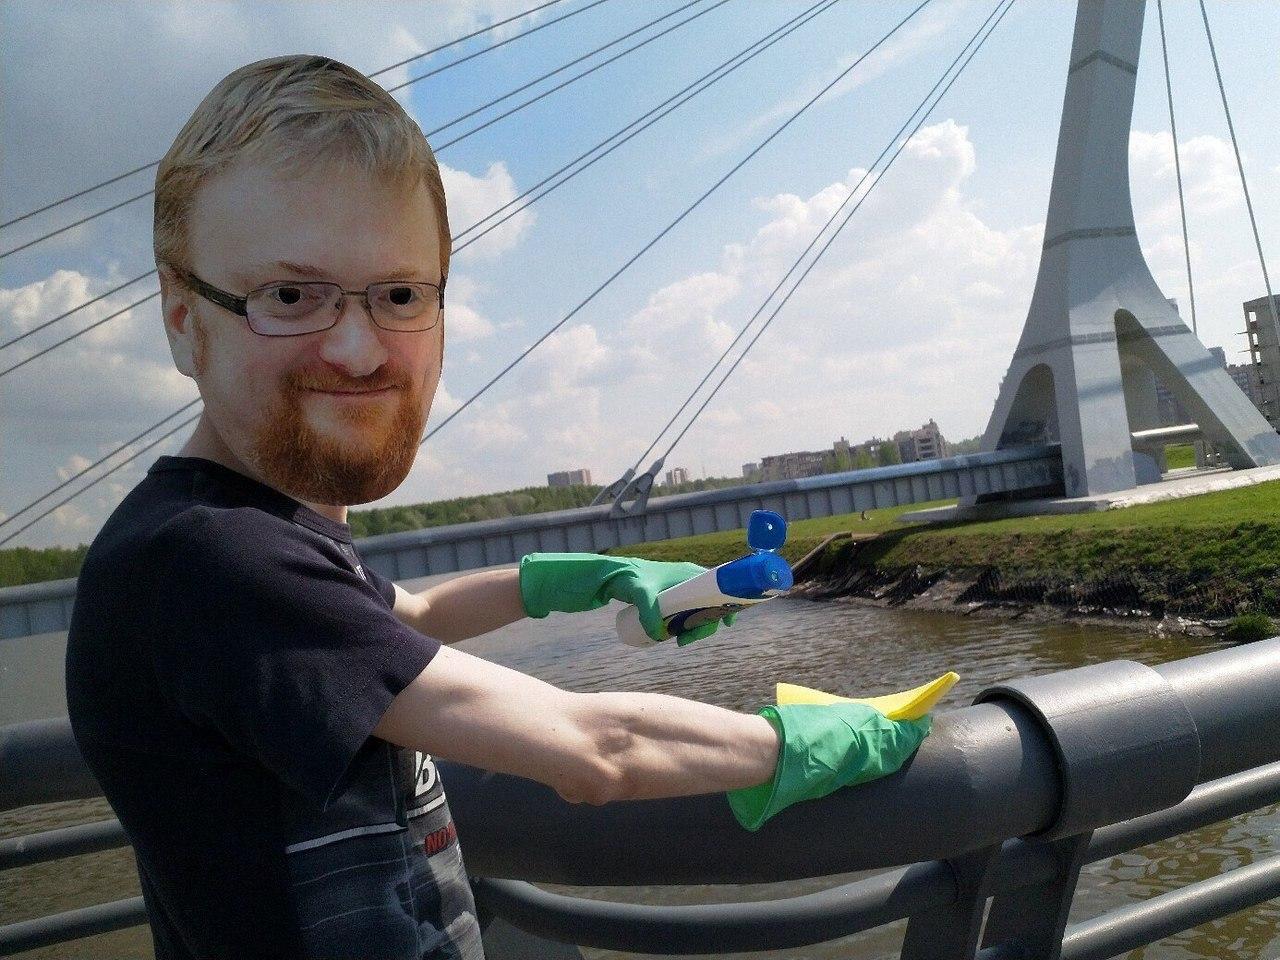 Активист в маске Милонова в День борьбы с гомофобией помыл с шампунем мост Кадырова. Год назад там прошла ЛГБТ-акция